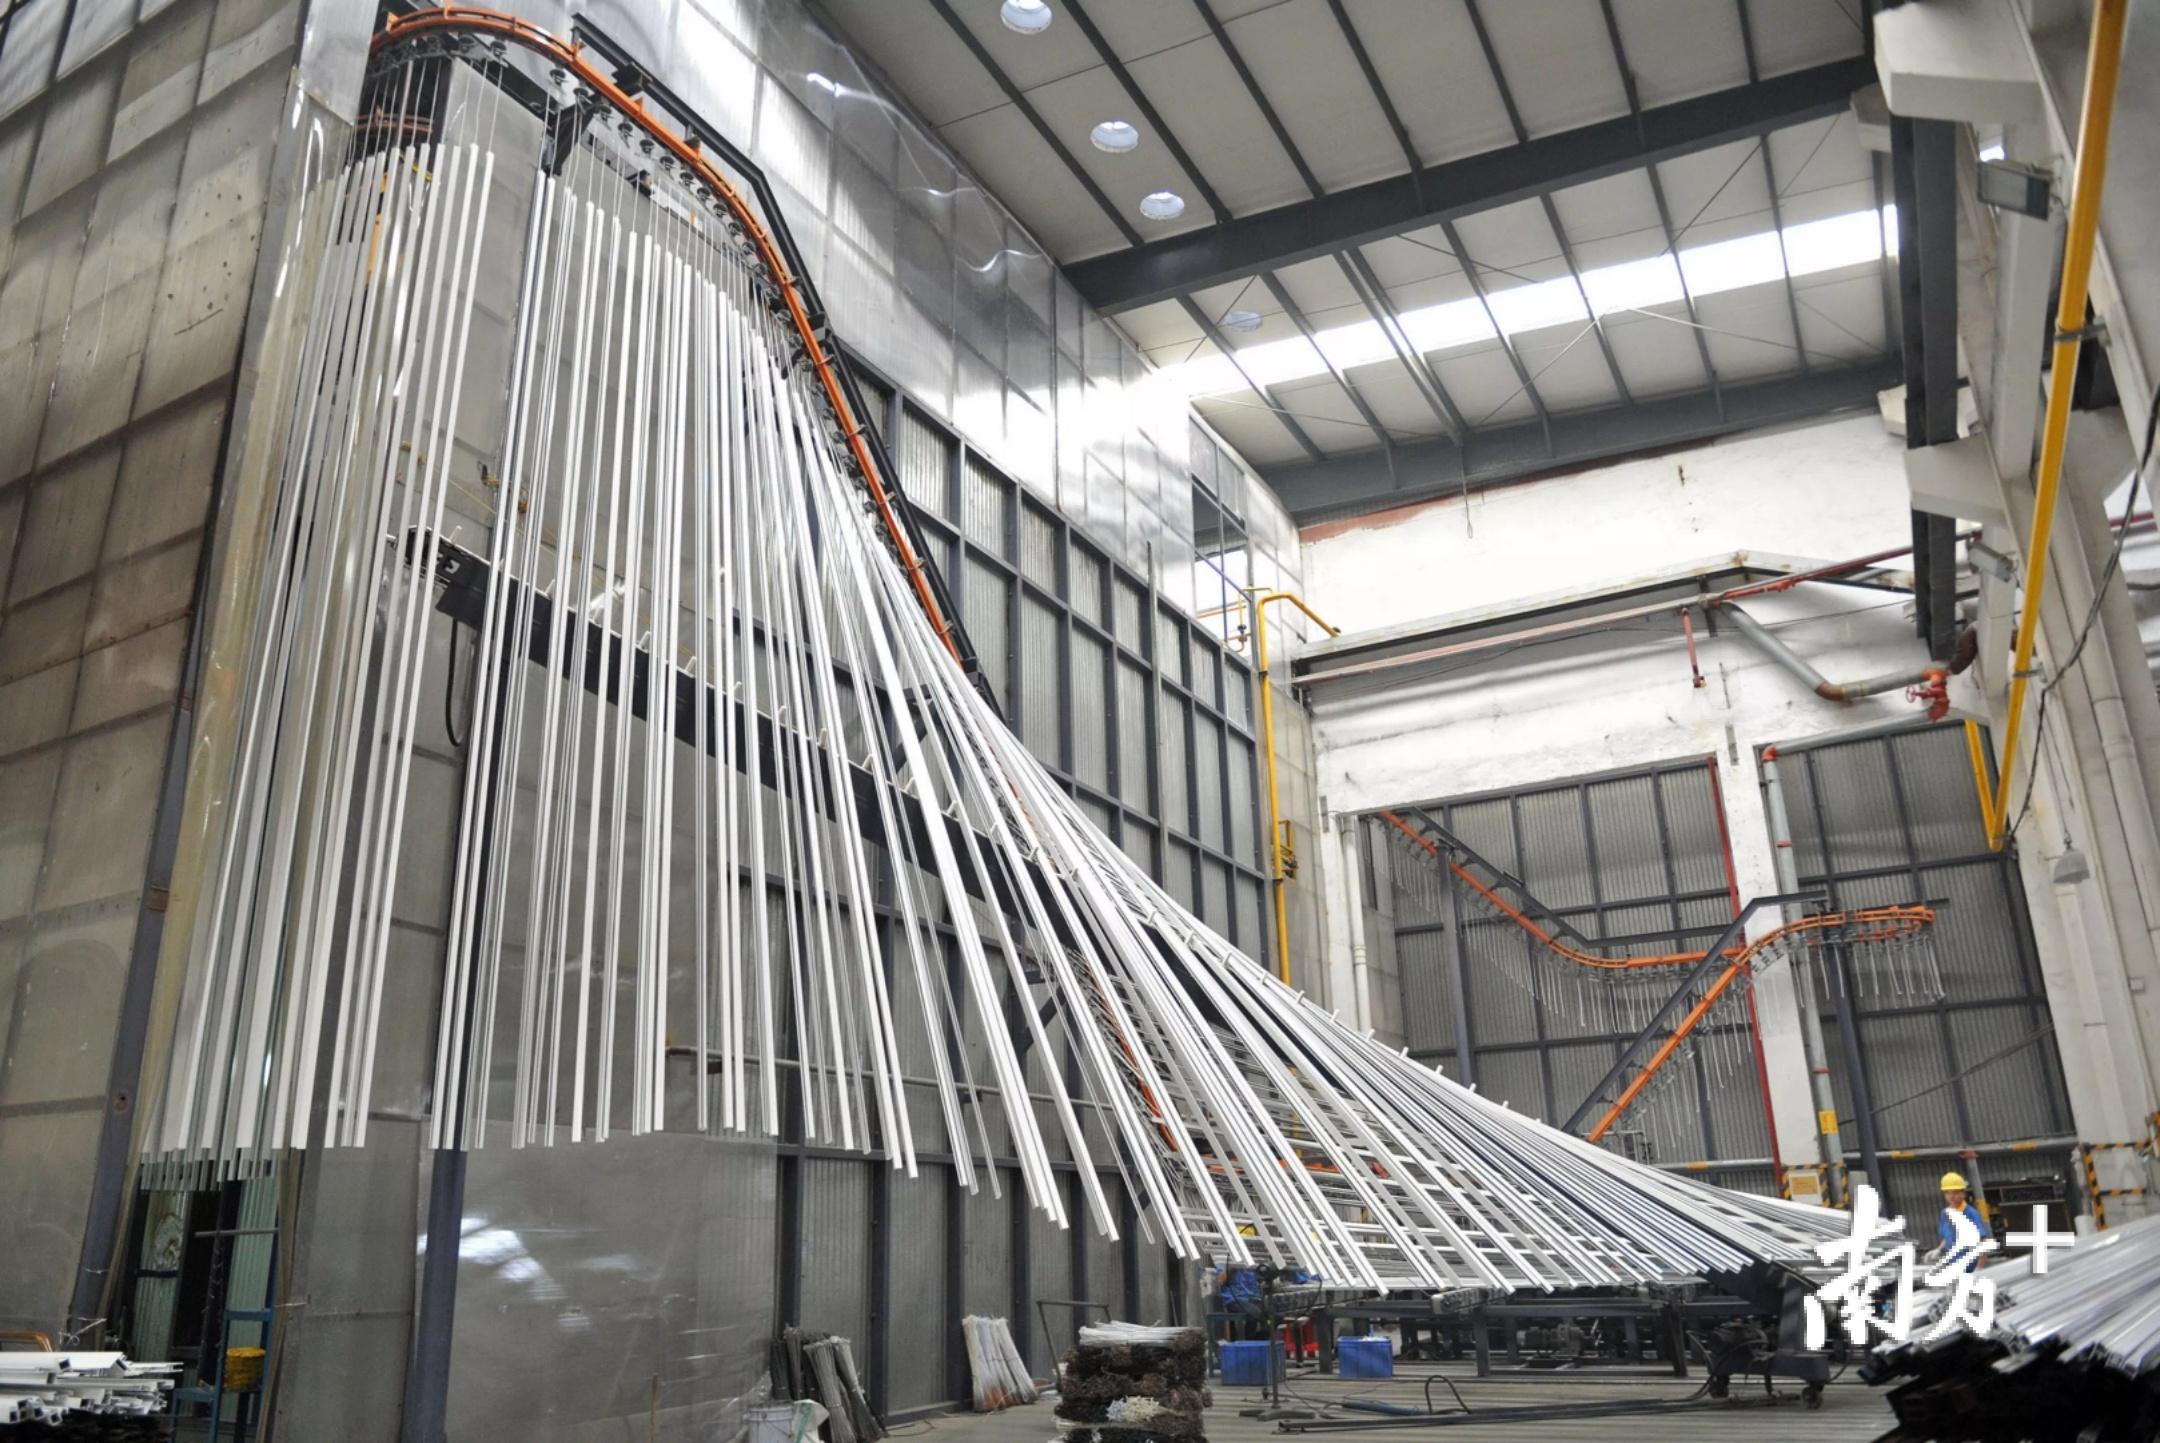 华昌铝业铝型材生产车间。戴嘉信 摄